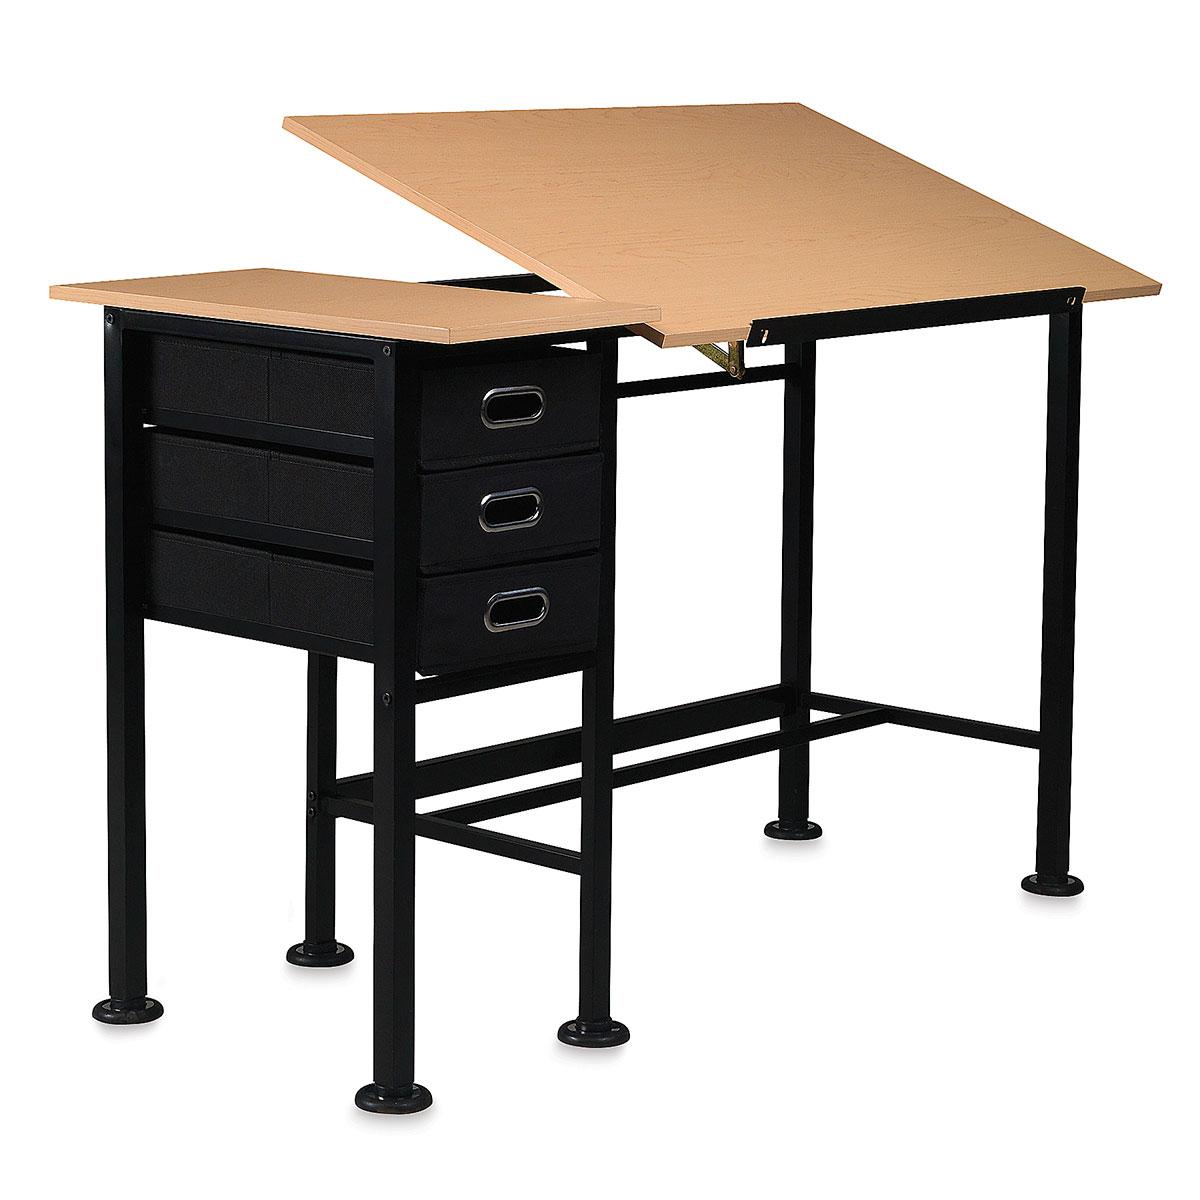 Art Tables And Desks Blick Art Materials